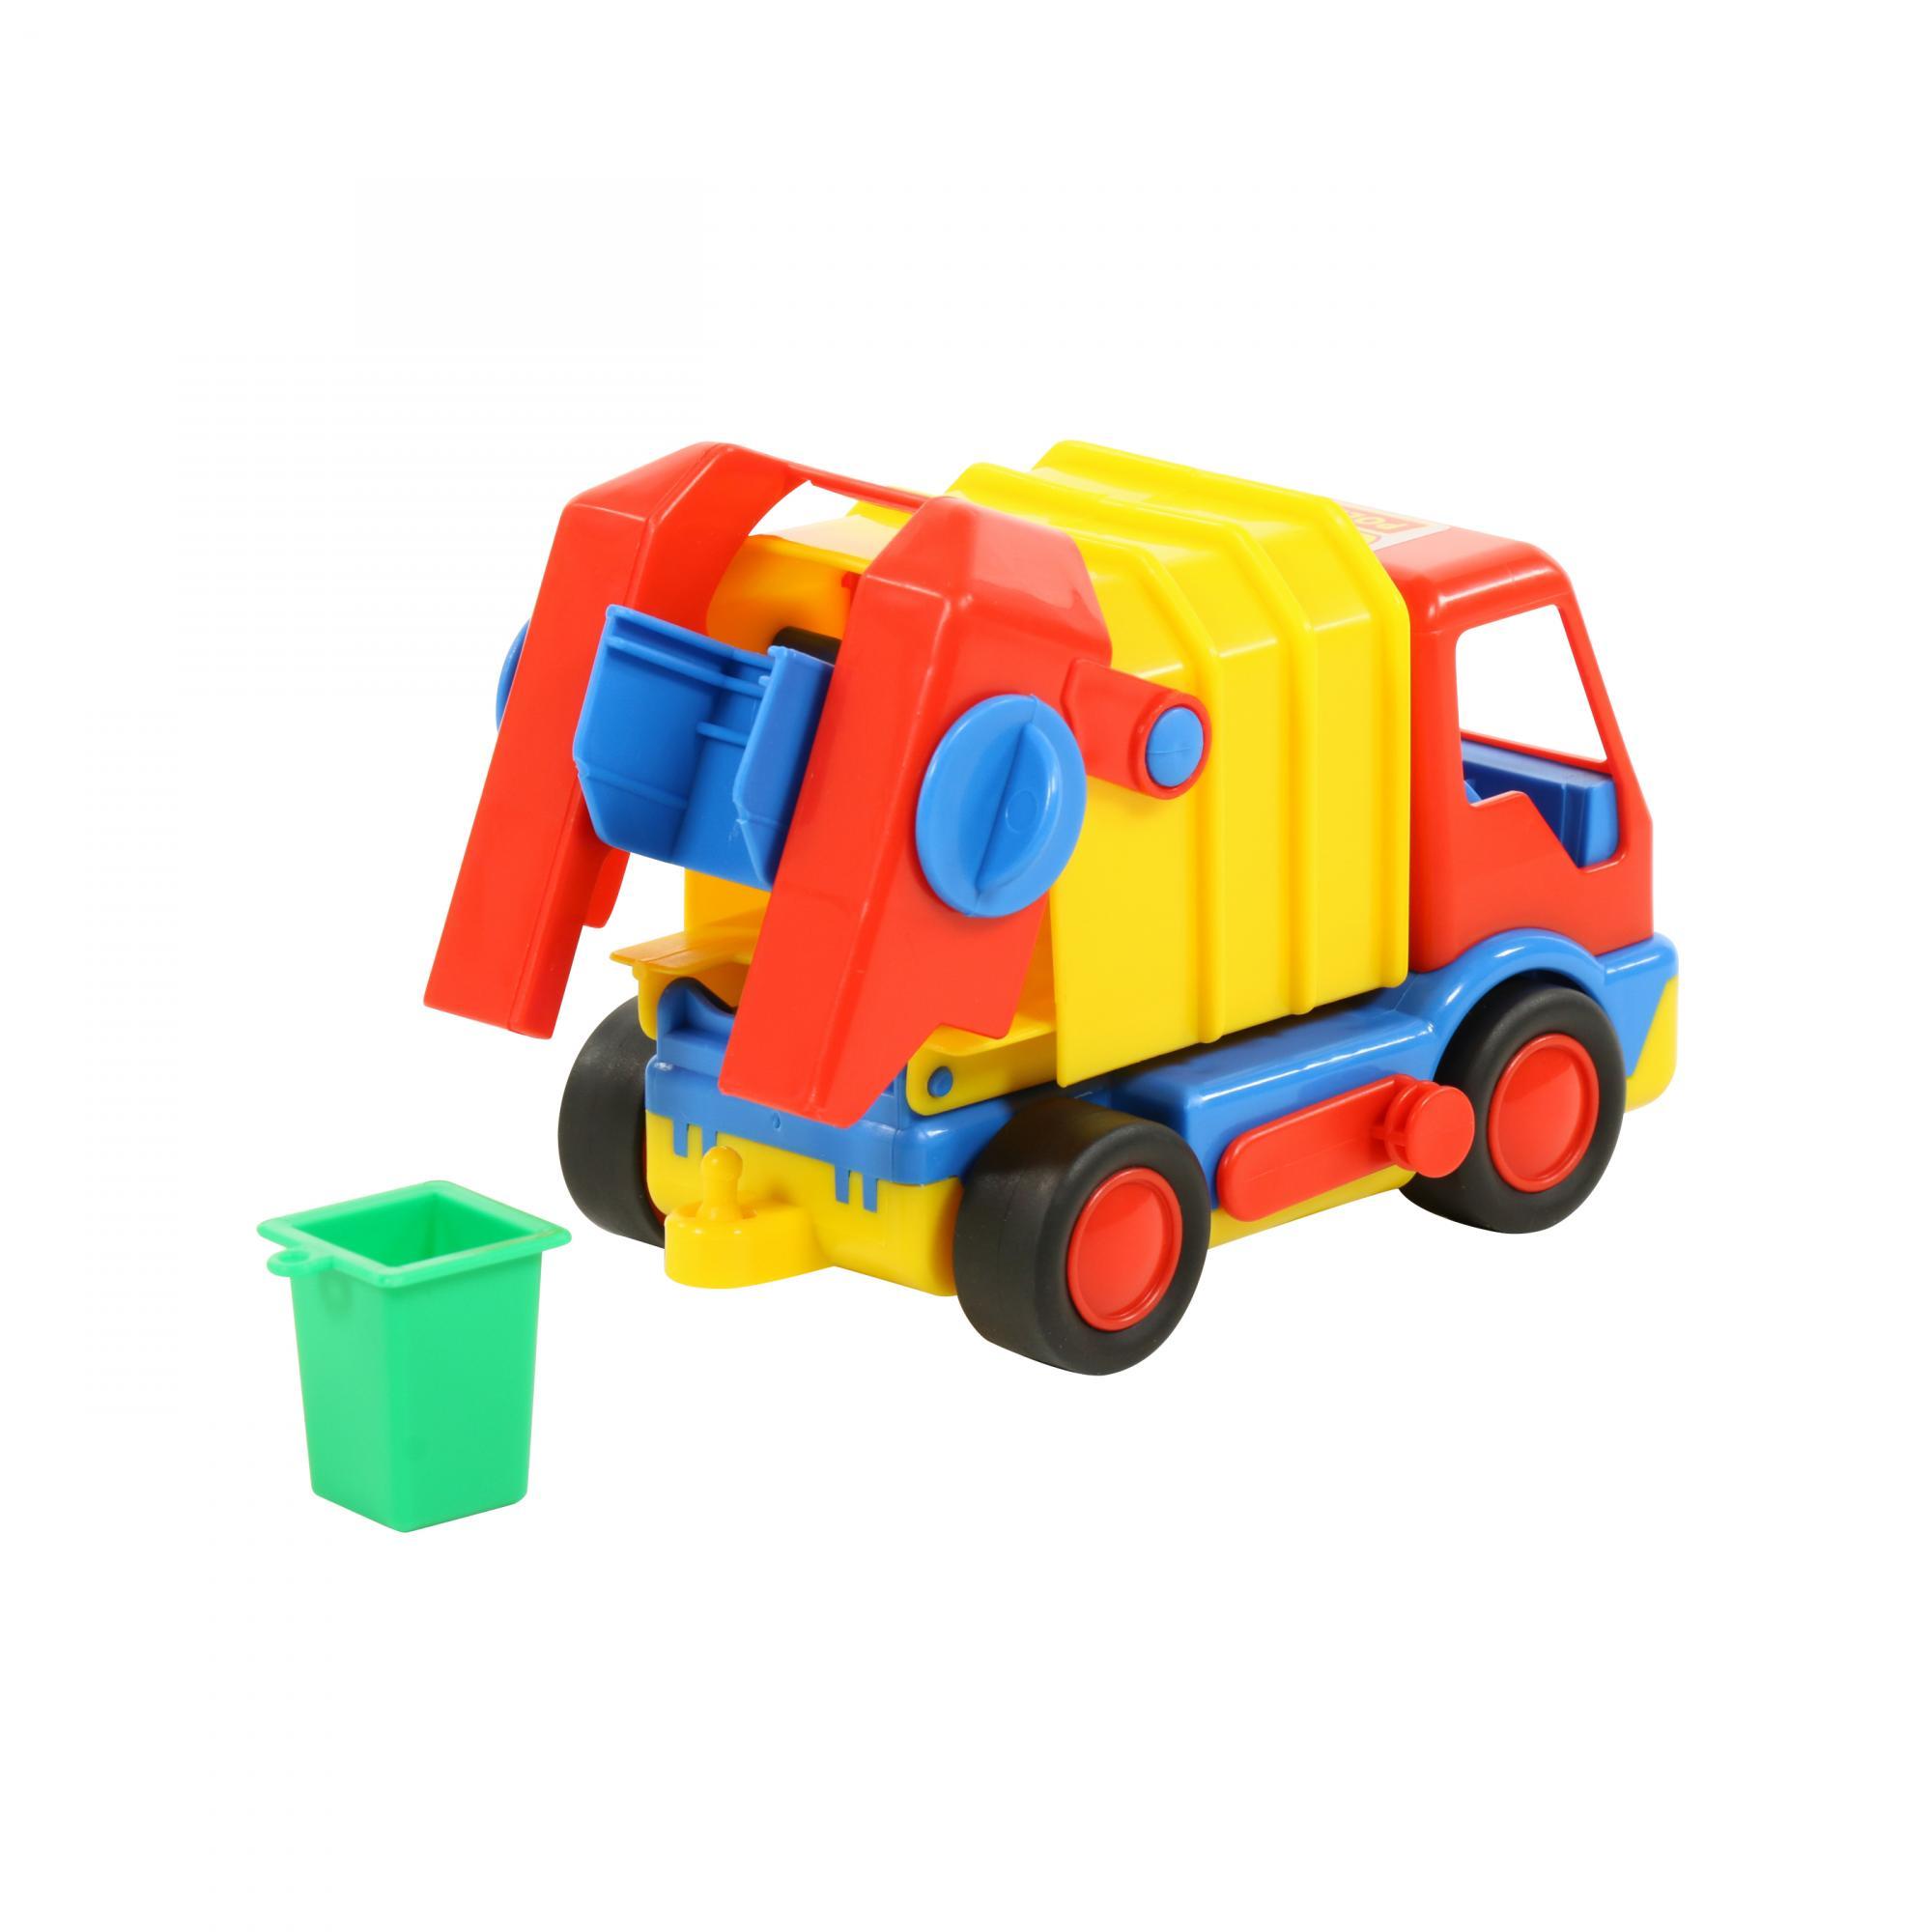 Купить Автомобиль Базик коммунальный (в сеточке) [П-9609], Полесье, Игрушечные машинки и техника